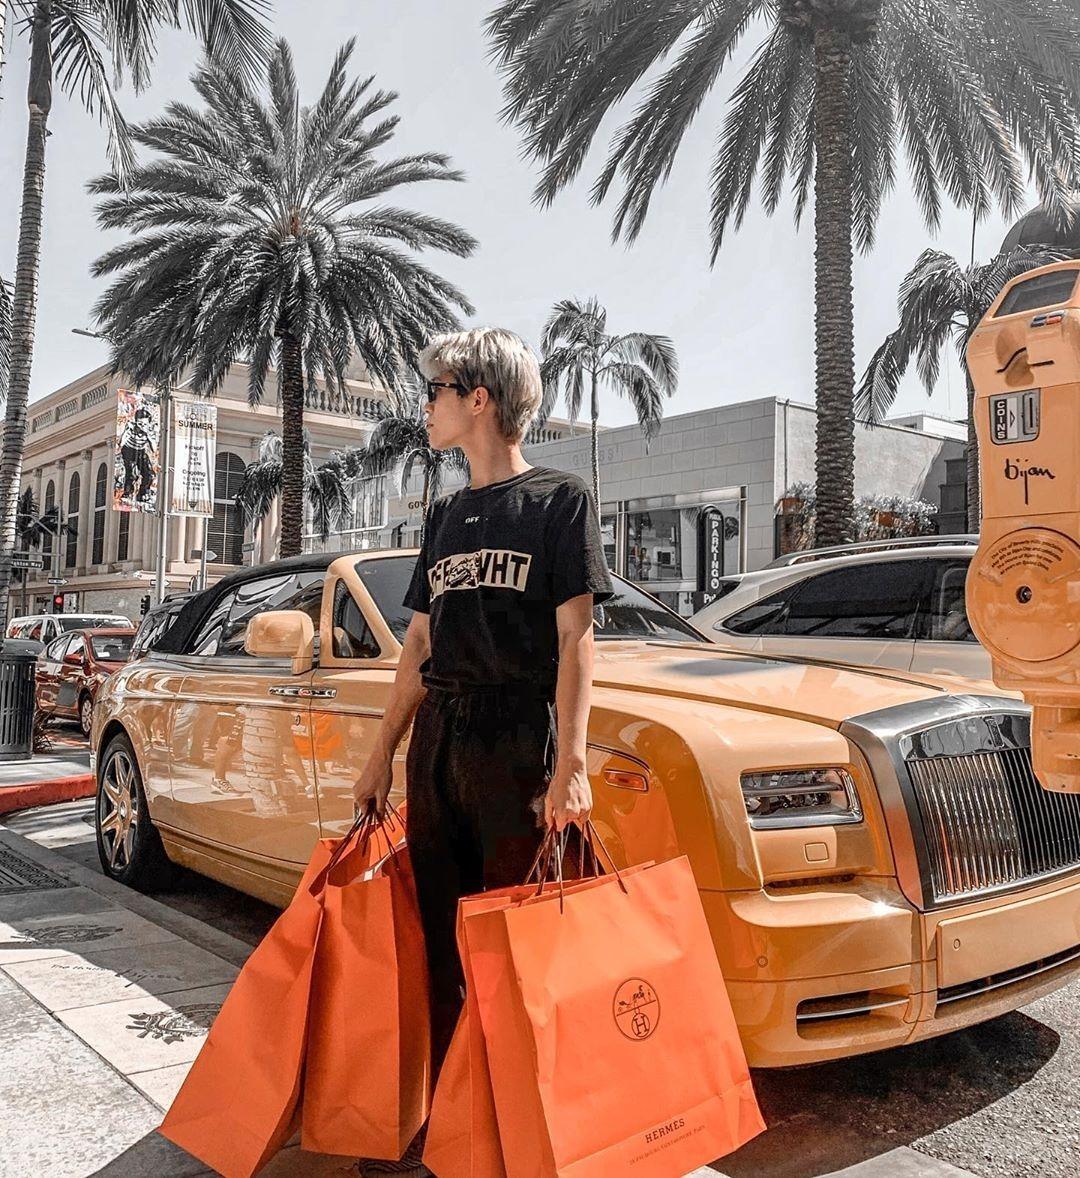 Nhất Hoàng đang theo học một trường cấp ba tại Los Angeles, Mỹ. Cậu bạn 17 tuổi nổi tiếng trên mạng xã hội nhờ vẻ ngoài điển trai, phong cách ăn mặc sành điệu không kém các idol Hàn.